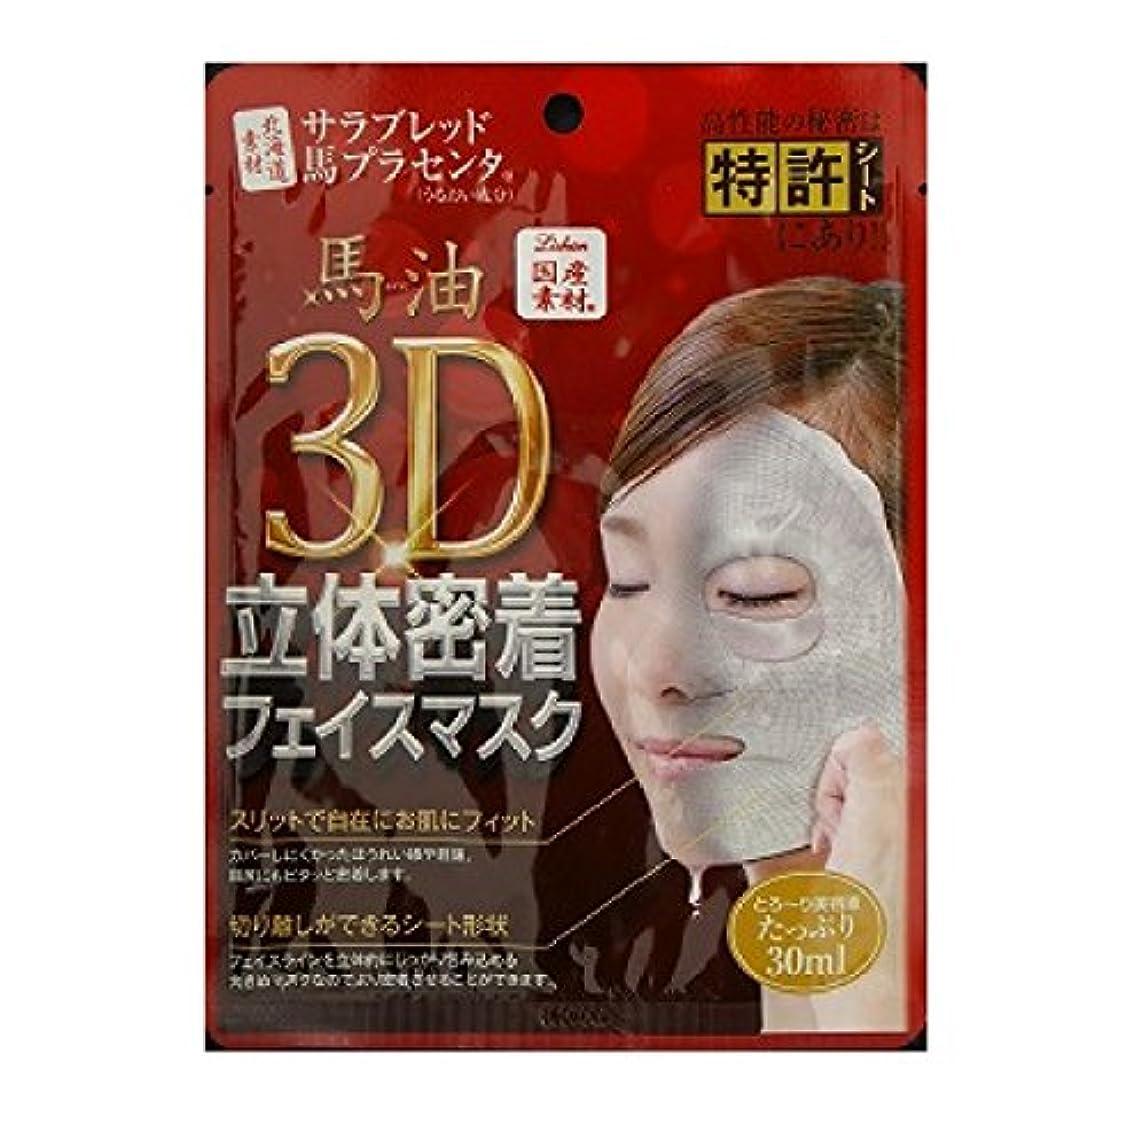 マトロン蚊入浴ナヴィス リシャン馬油3D立体密着フェイスマスク無香料 1枚入り